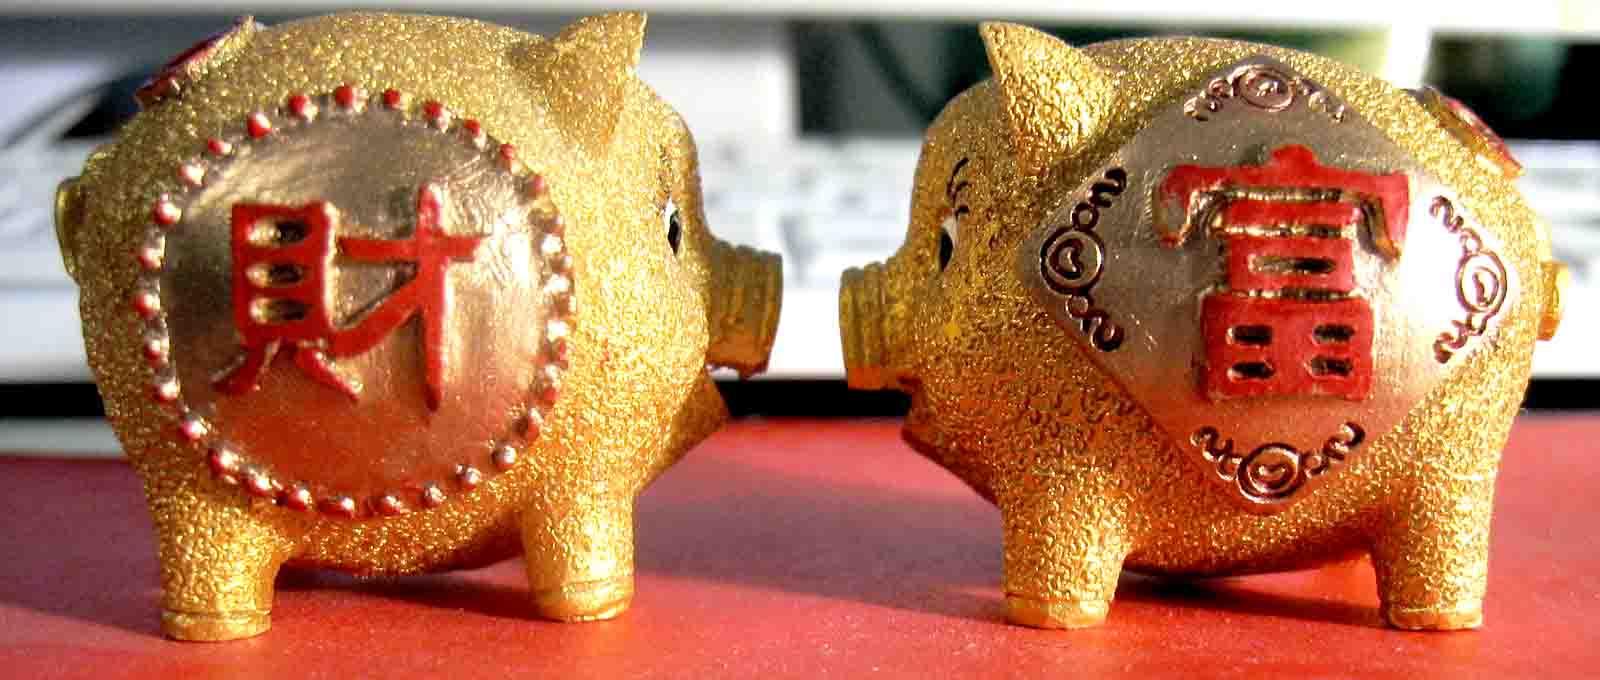 9月财气横生,事业腾飞,富贵盈门的三大生肖